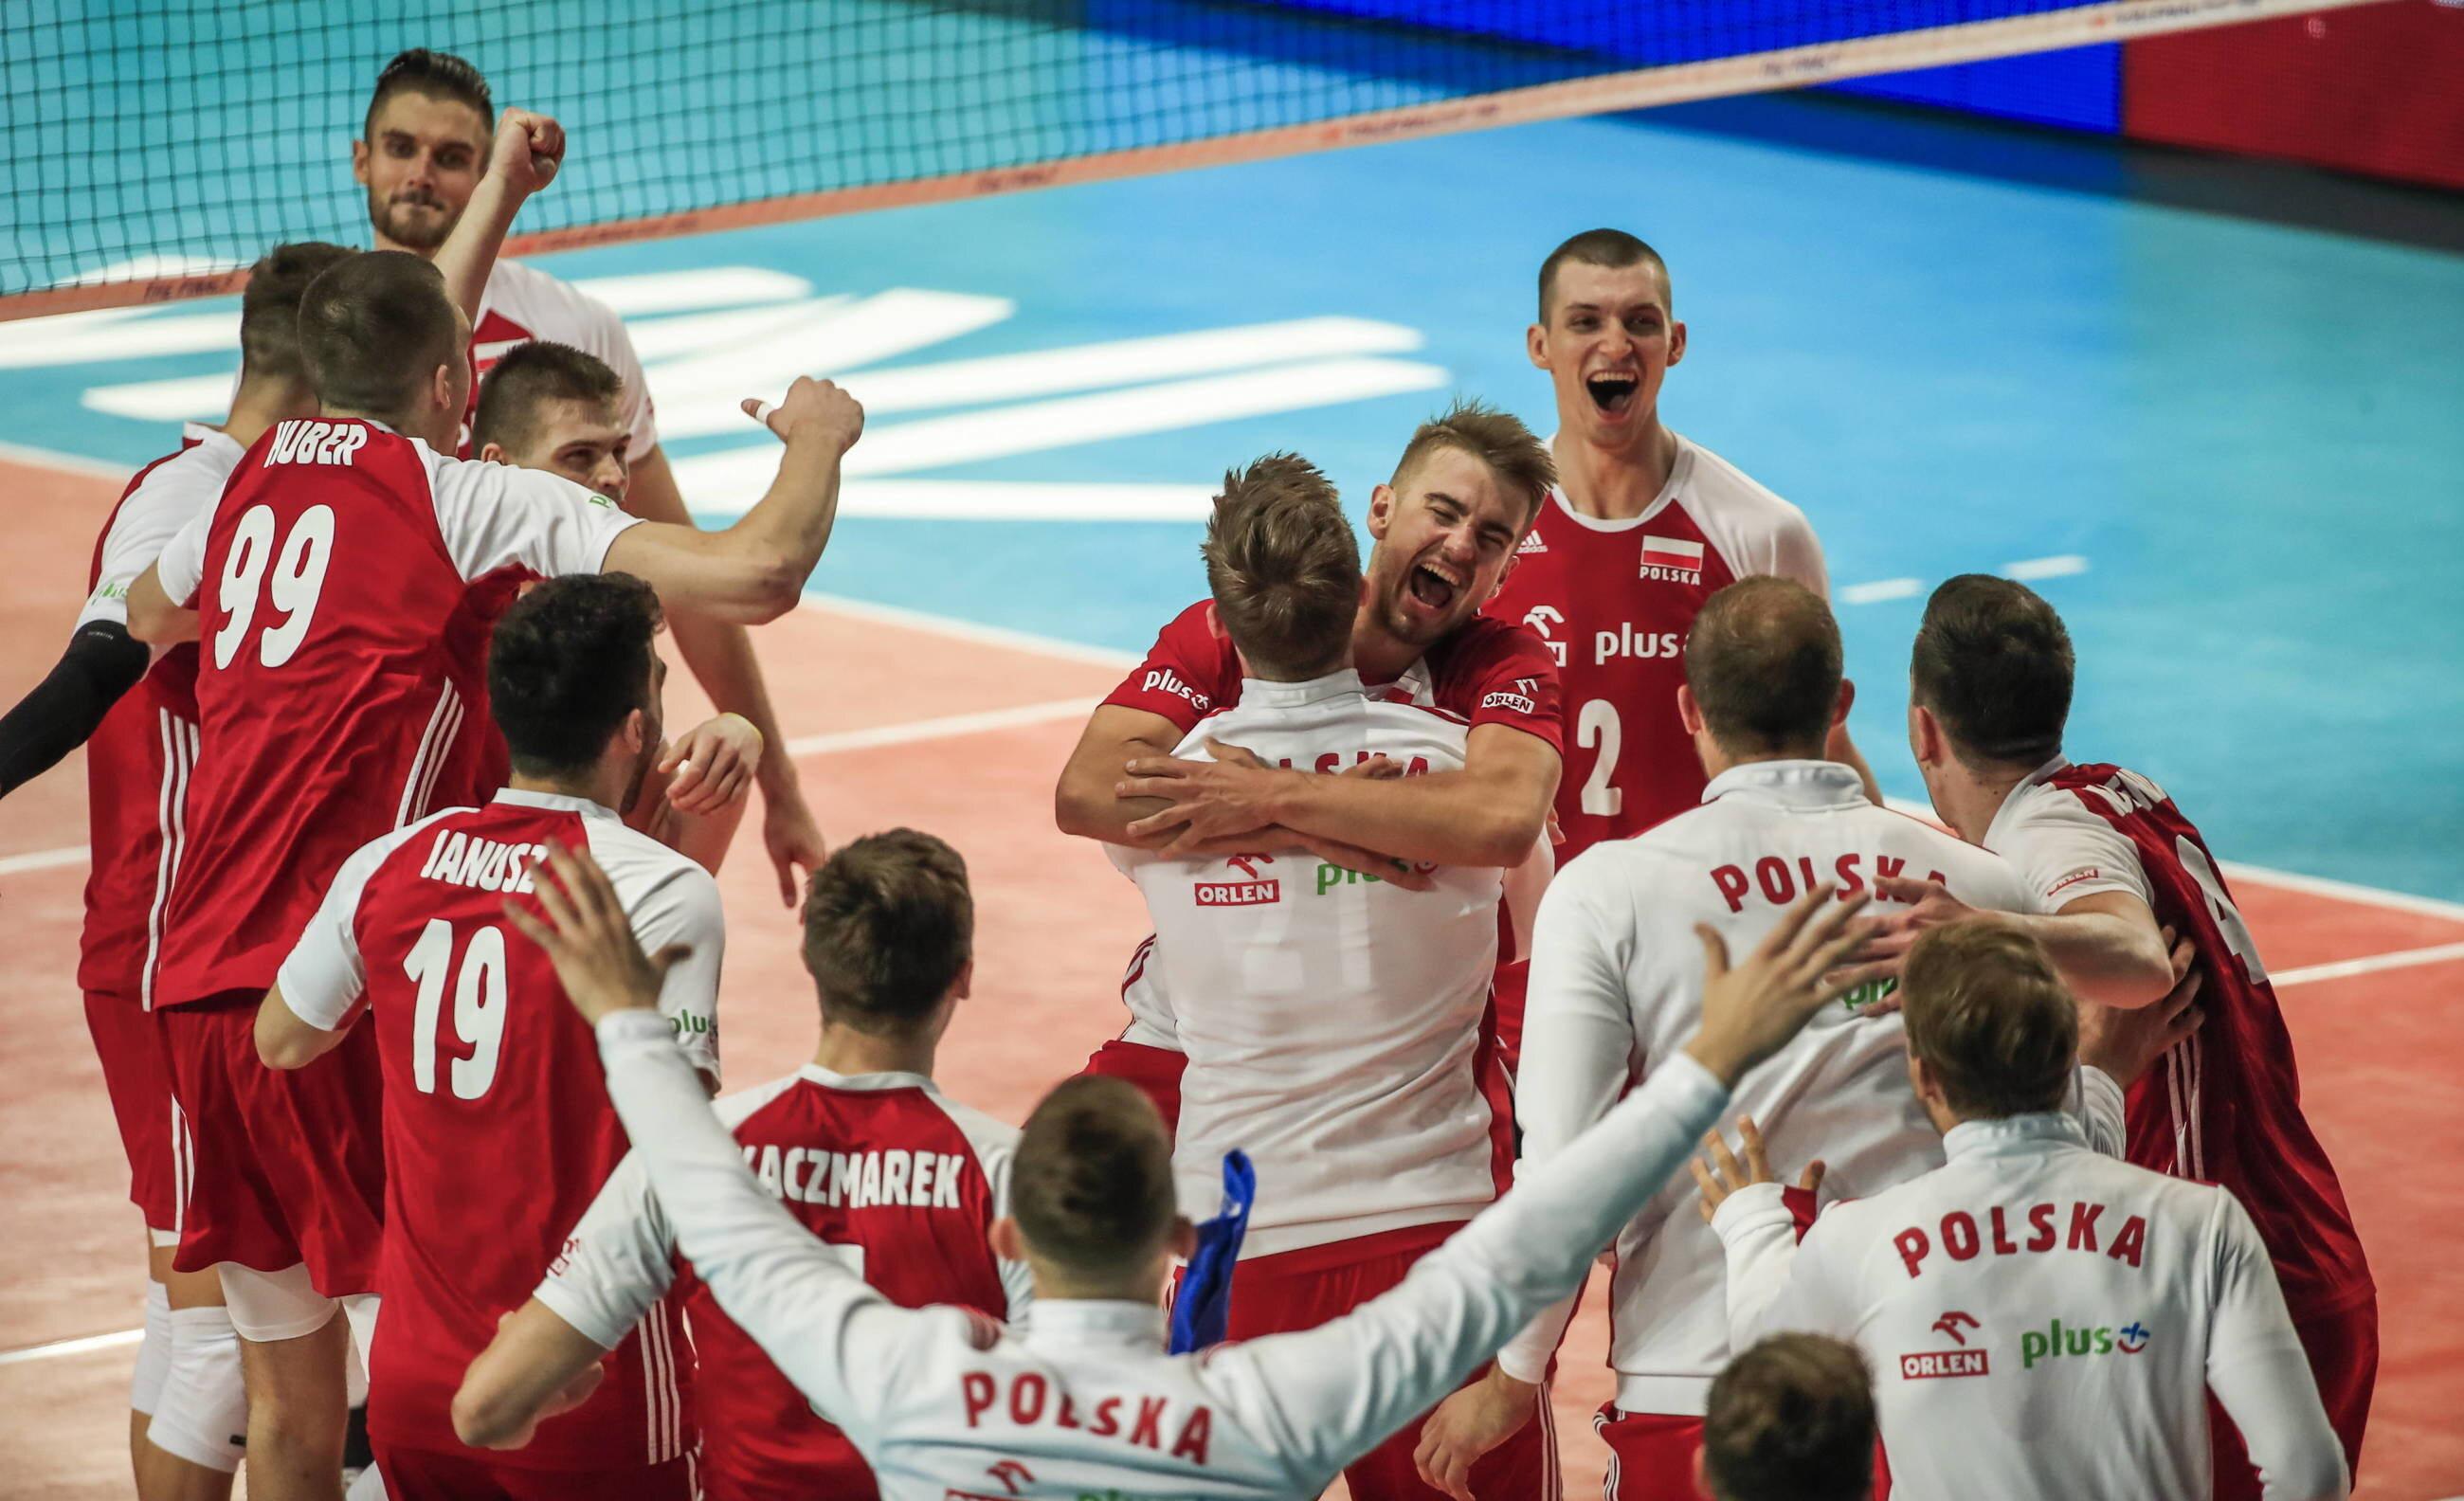 Reprezentacja Polski w piłkę siatkową pokonała Brazylię w tie-breaku podczas Final Six Ligi Narodów w Chicago